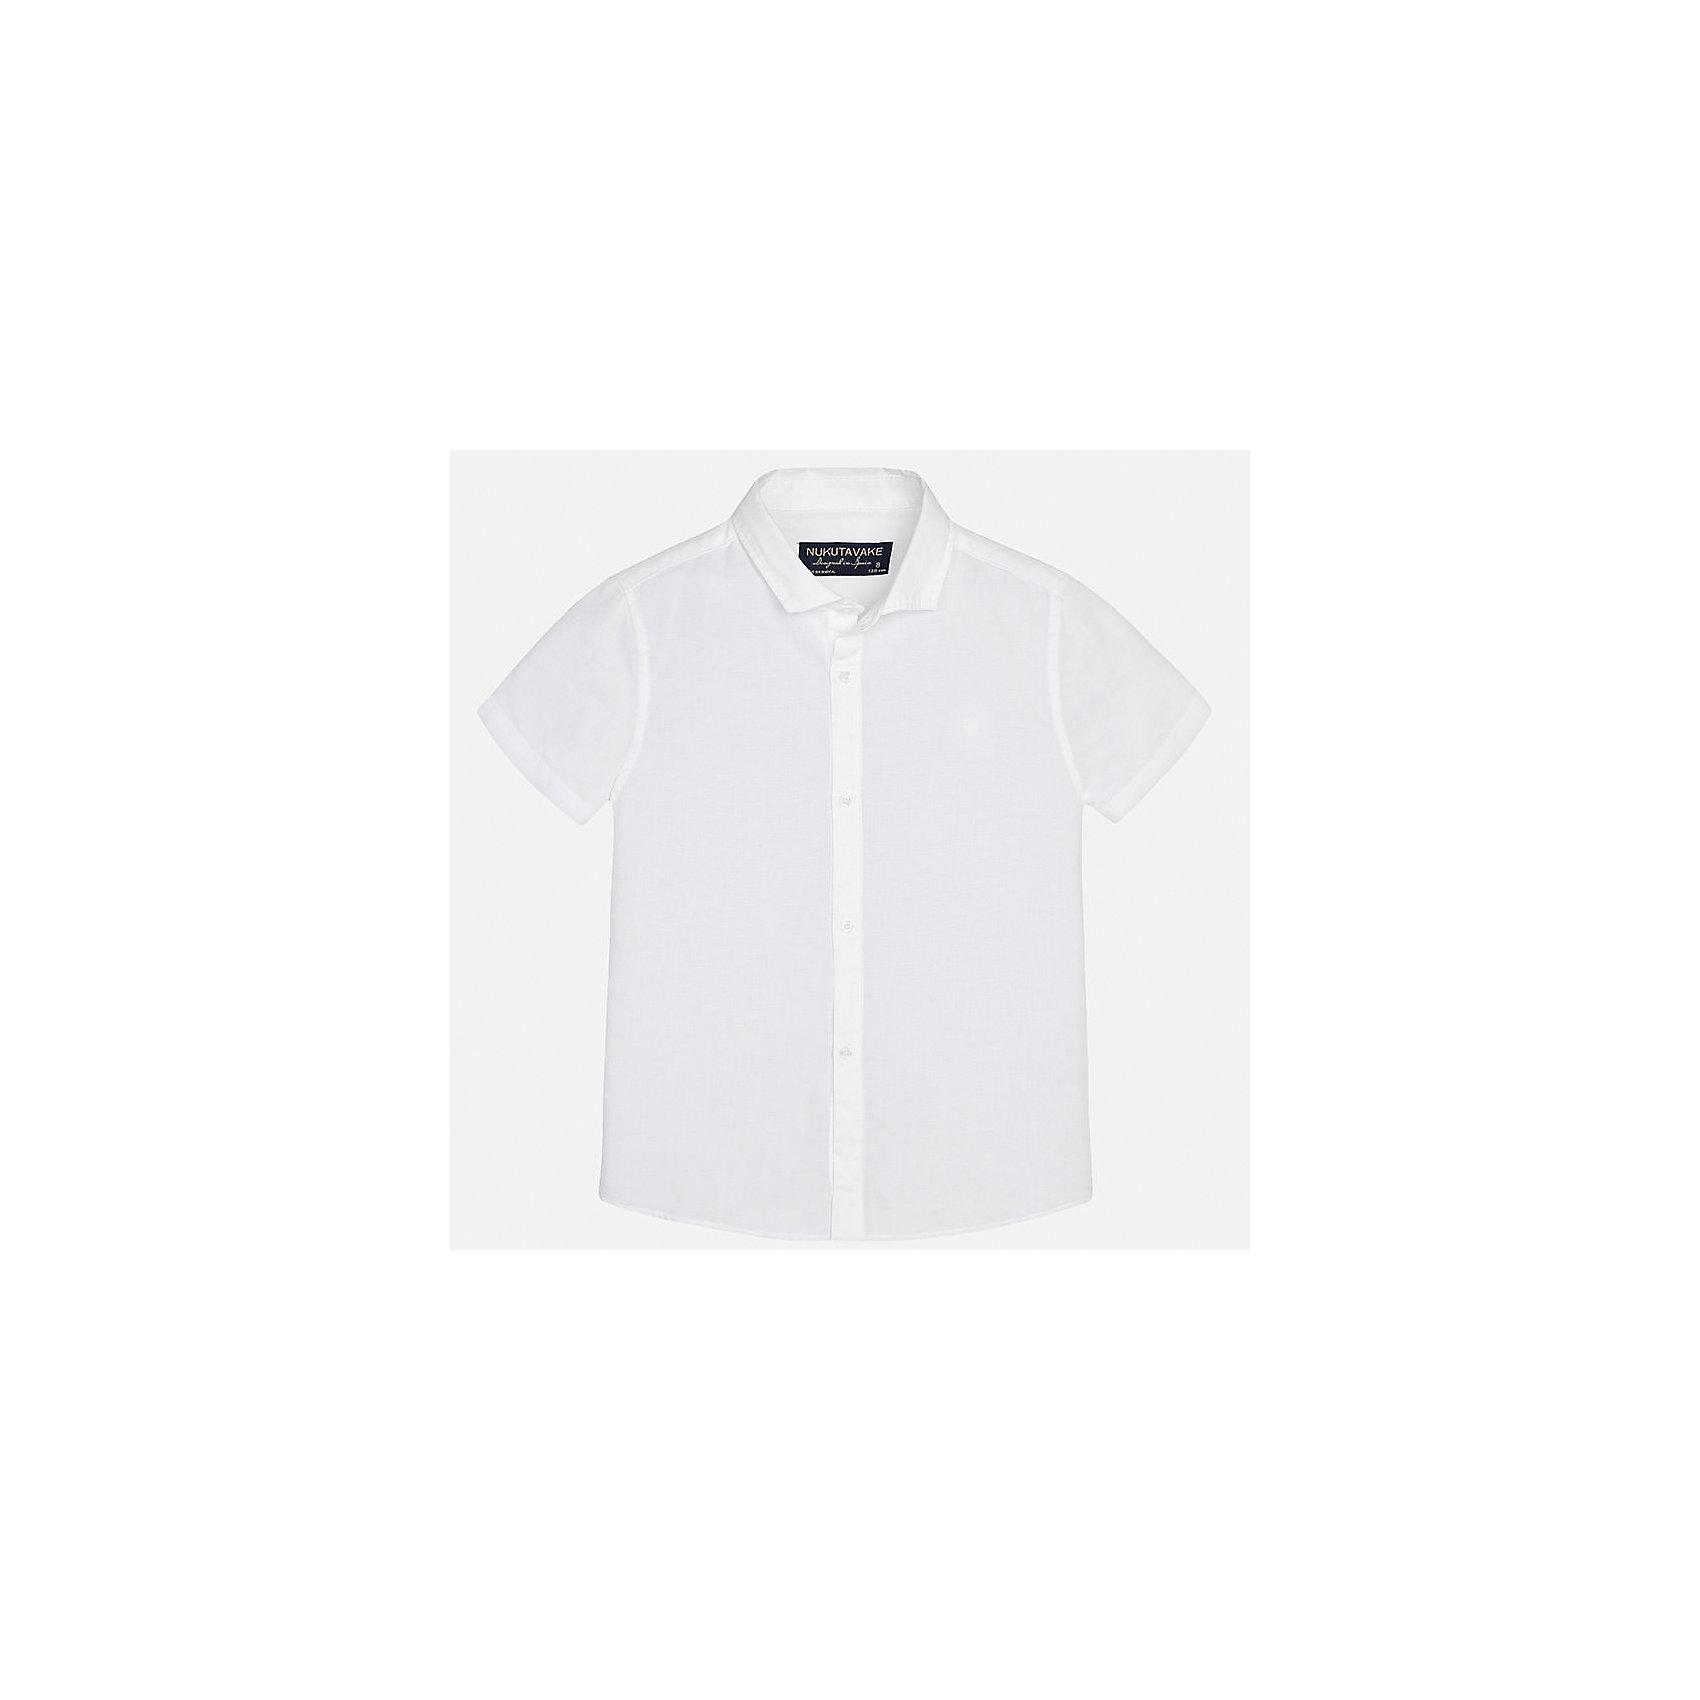 Рубашка для мальчика MayoralБлузки и рубашки<br>Характеристики товара:<br><br>• цвет: белый<br>• состав: 70% хлопок, 30% лен<br>• отложной воротник<br>• короткие рукава<br>• застежка: пуговицы<br>• прямой силуэт<br>• страна бренда: Испания<br><br>Удобная рубашка классического кроя для мальчика может стать базовой вещью в гардеробе ребенка. Она отлично сочетается с брюками, шортами, джинсами и т.д. Универсальный крой и цвет позволяет подобрать к вещи низ разных расцветок. Практичное и стильное изделие! В составе материала - натуральный хлопок, гипоаллергенный, приятный на ощупь, дышащий.<br><br>Одежда, обувь и аксессуары от испанского бренда Mayoral полюбились детям и взрослым по всему миру. Модели этой марки - стильные и удобные. Для их производства используются только безопасные, качественные материалы и фурнитура. Порадуйте ребенка модными и красивыми вещами от Mayoral! <br><br>Рубашку для мальчика от испанского бренда Mayoral (Майорал) можно купить в нашем интернет-магазине.<br><br>Ширина мм: 174<br>Глубина мм: 10<br>Высота мм: 169<br>Вес г: 157<br>Цвет: белый<br>Возраст от месяцев: 120<br>Возраст до месяцев: 132<br>Пол: Мужской<br>Возраст: Детский<br>Размер: 152,164,158,140,128/134,170<br>SKU: 5278307